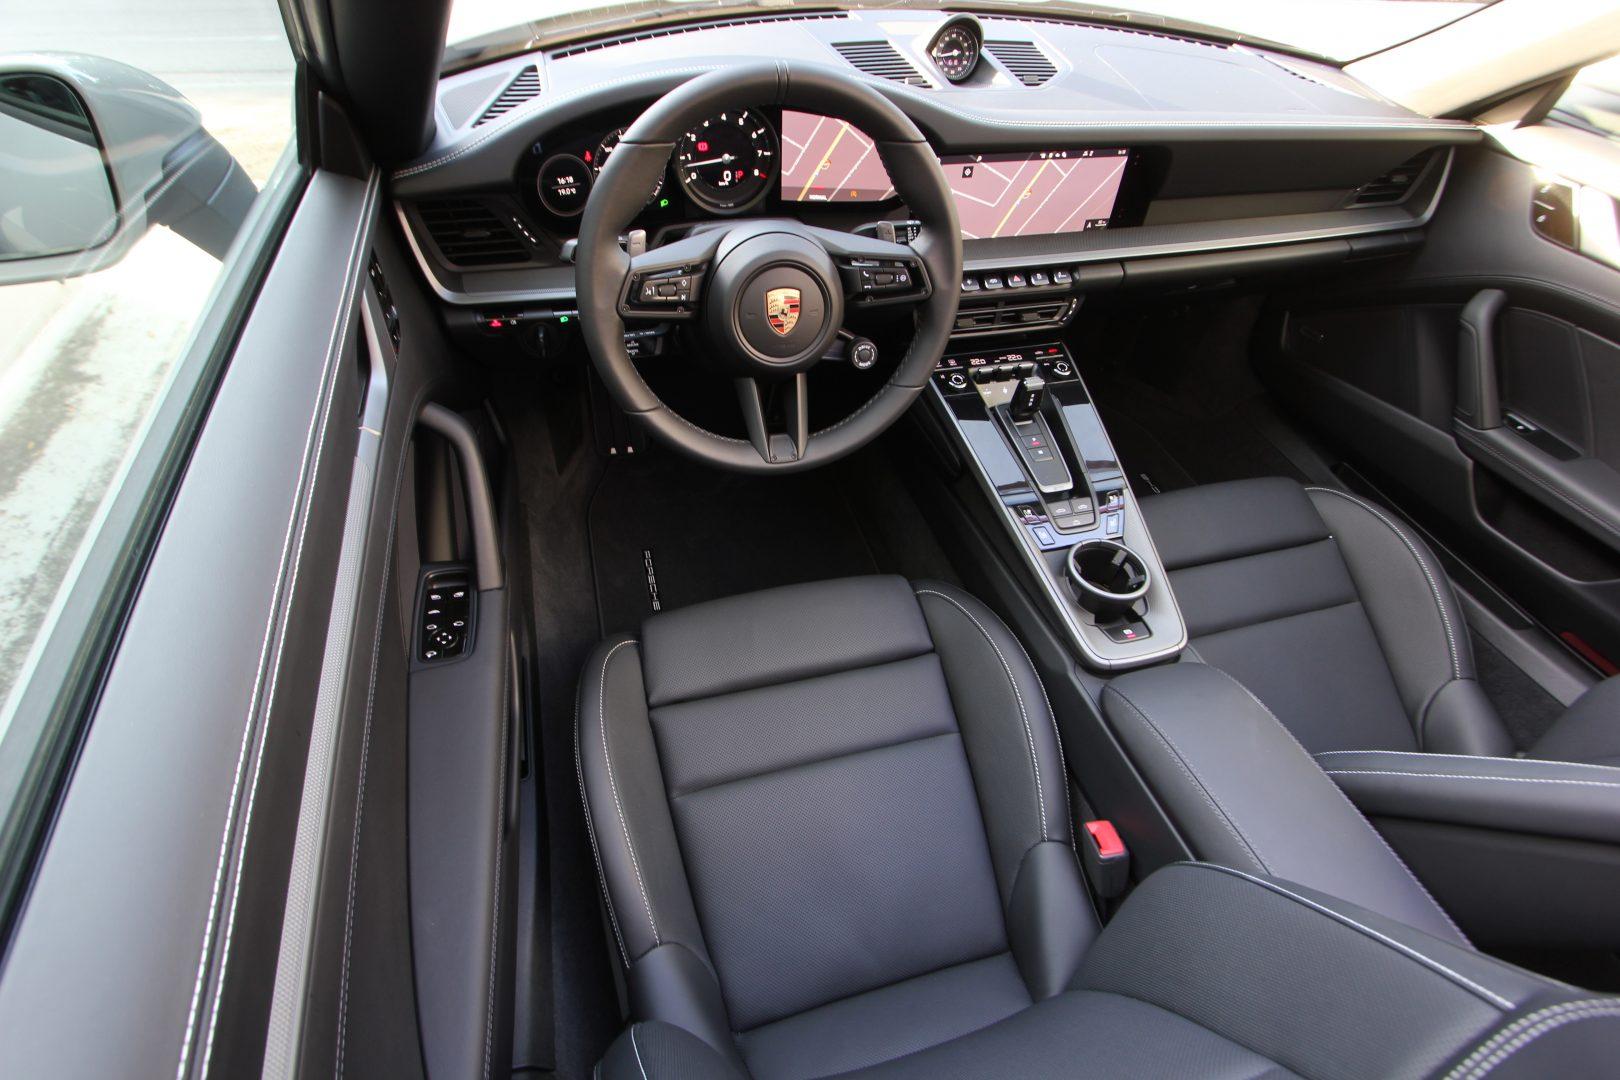 AIL Porsche 992 4S Cabriolet MATRIX Bose 4